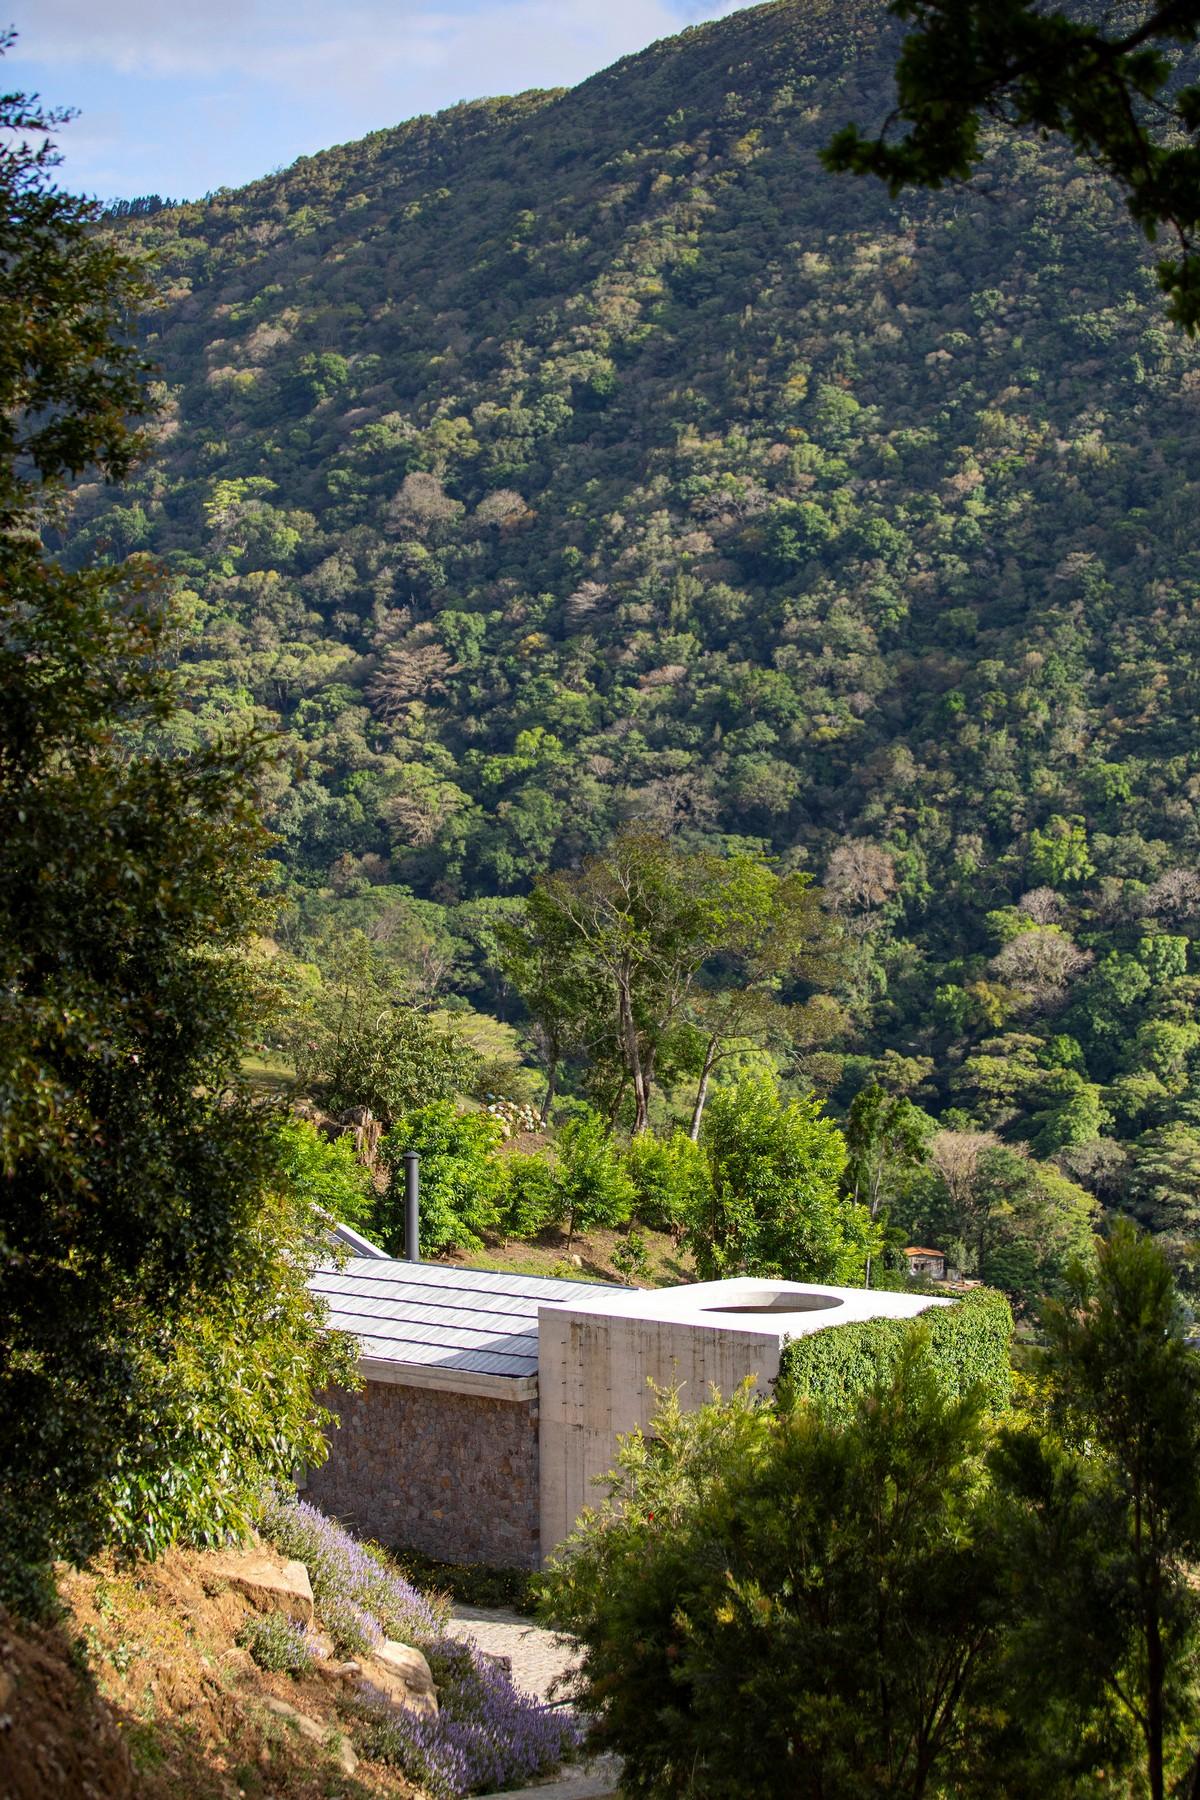 Каменный дом для отдыха в горах Коста-Рики